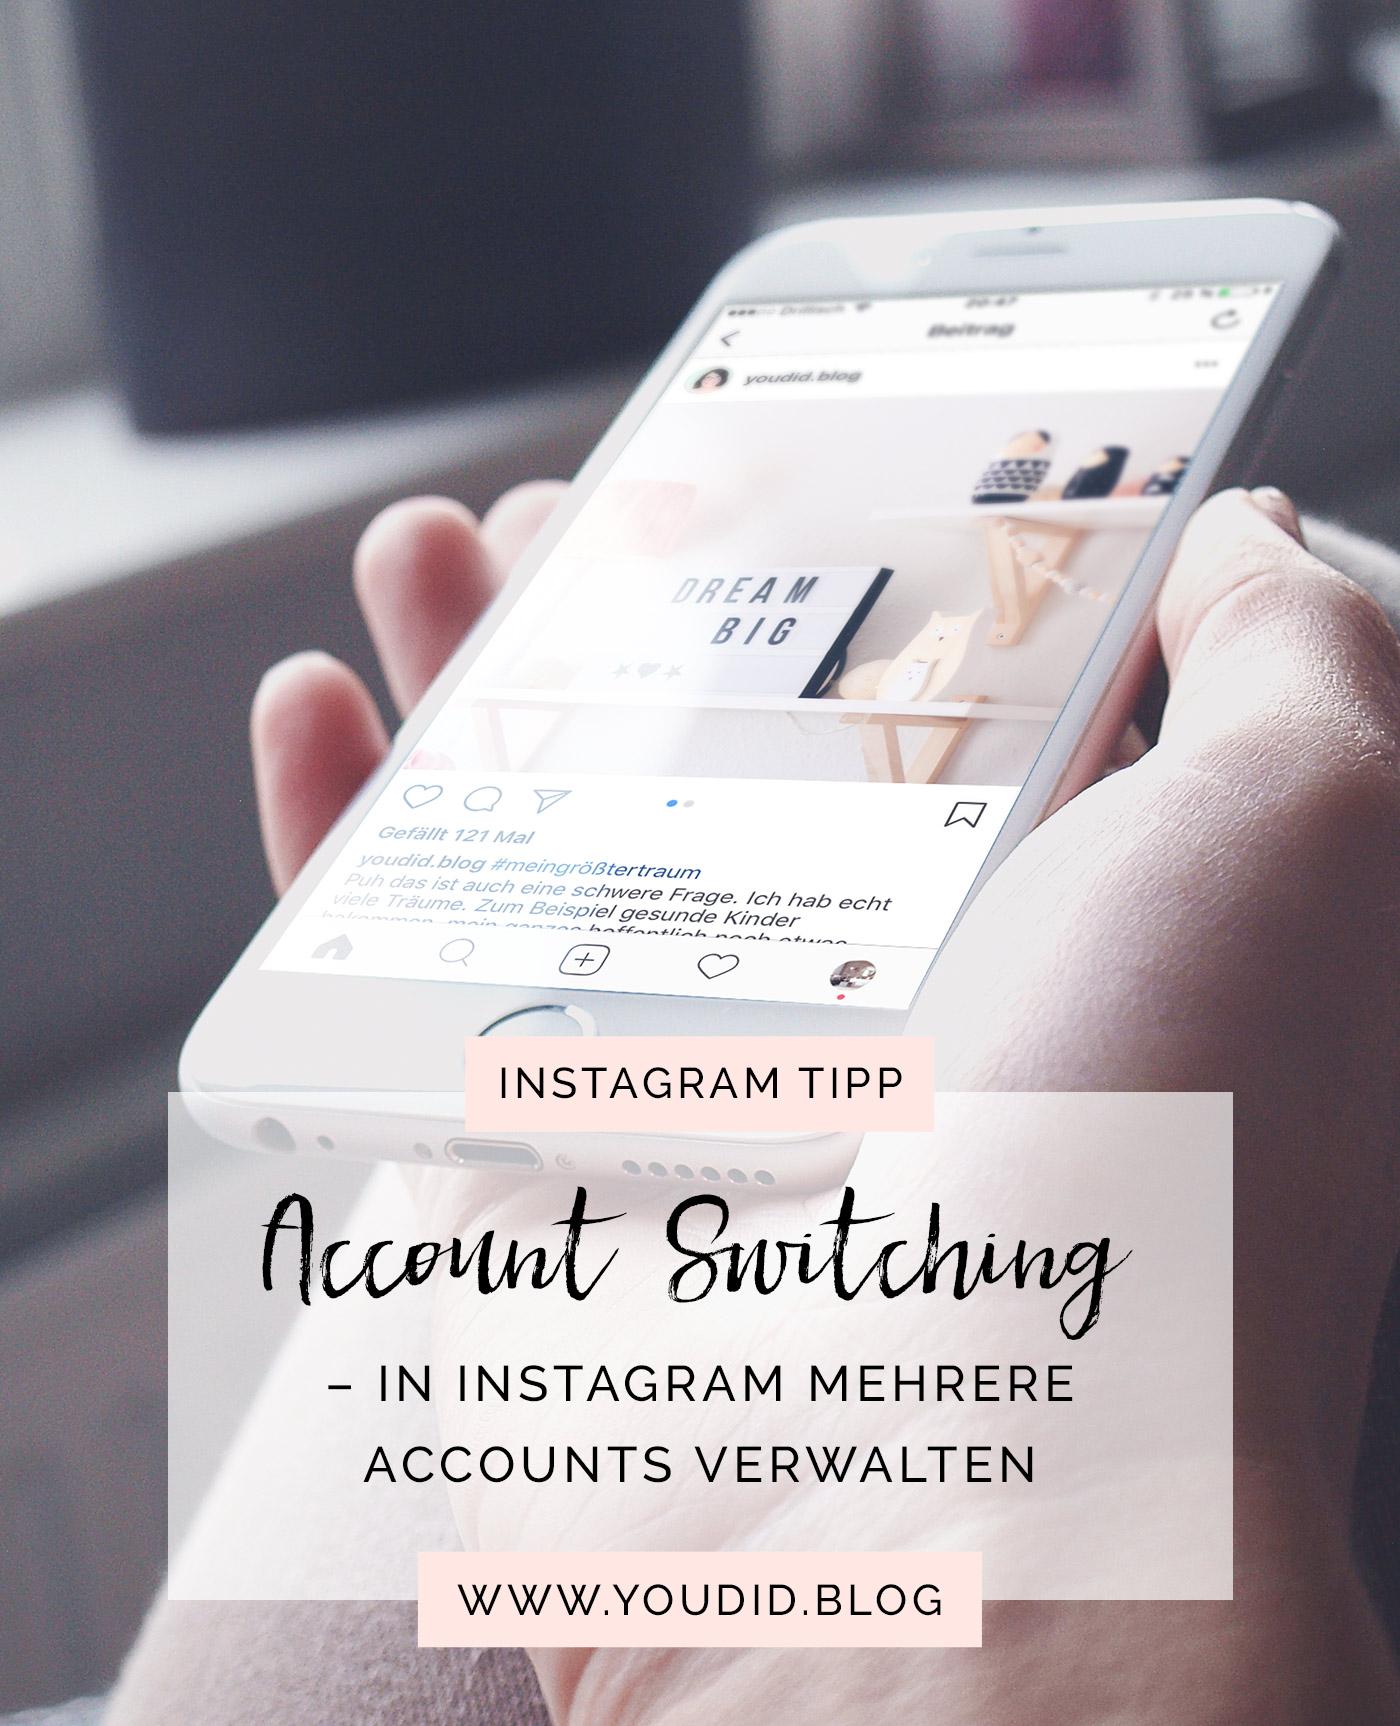 Account Switching In Instagram Mehrere Accounts Verwalten Youdid